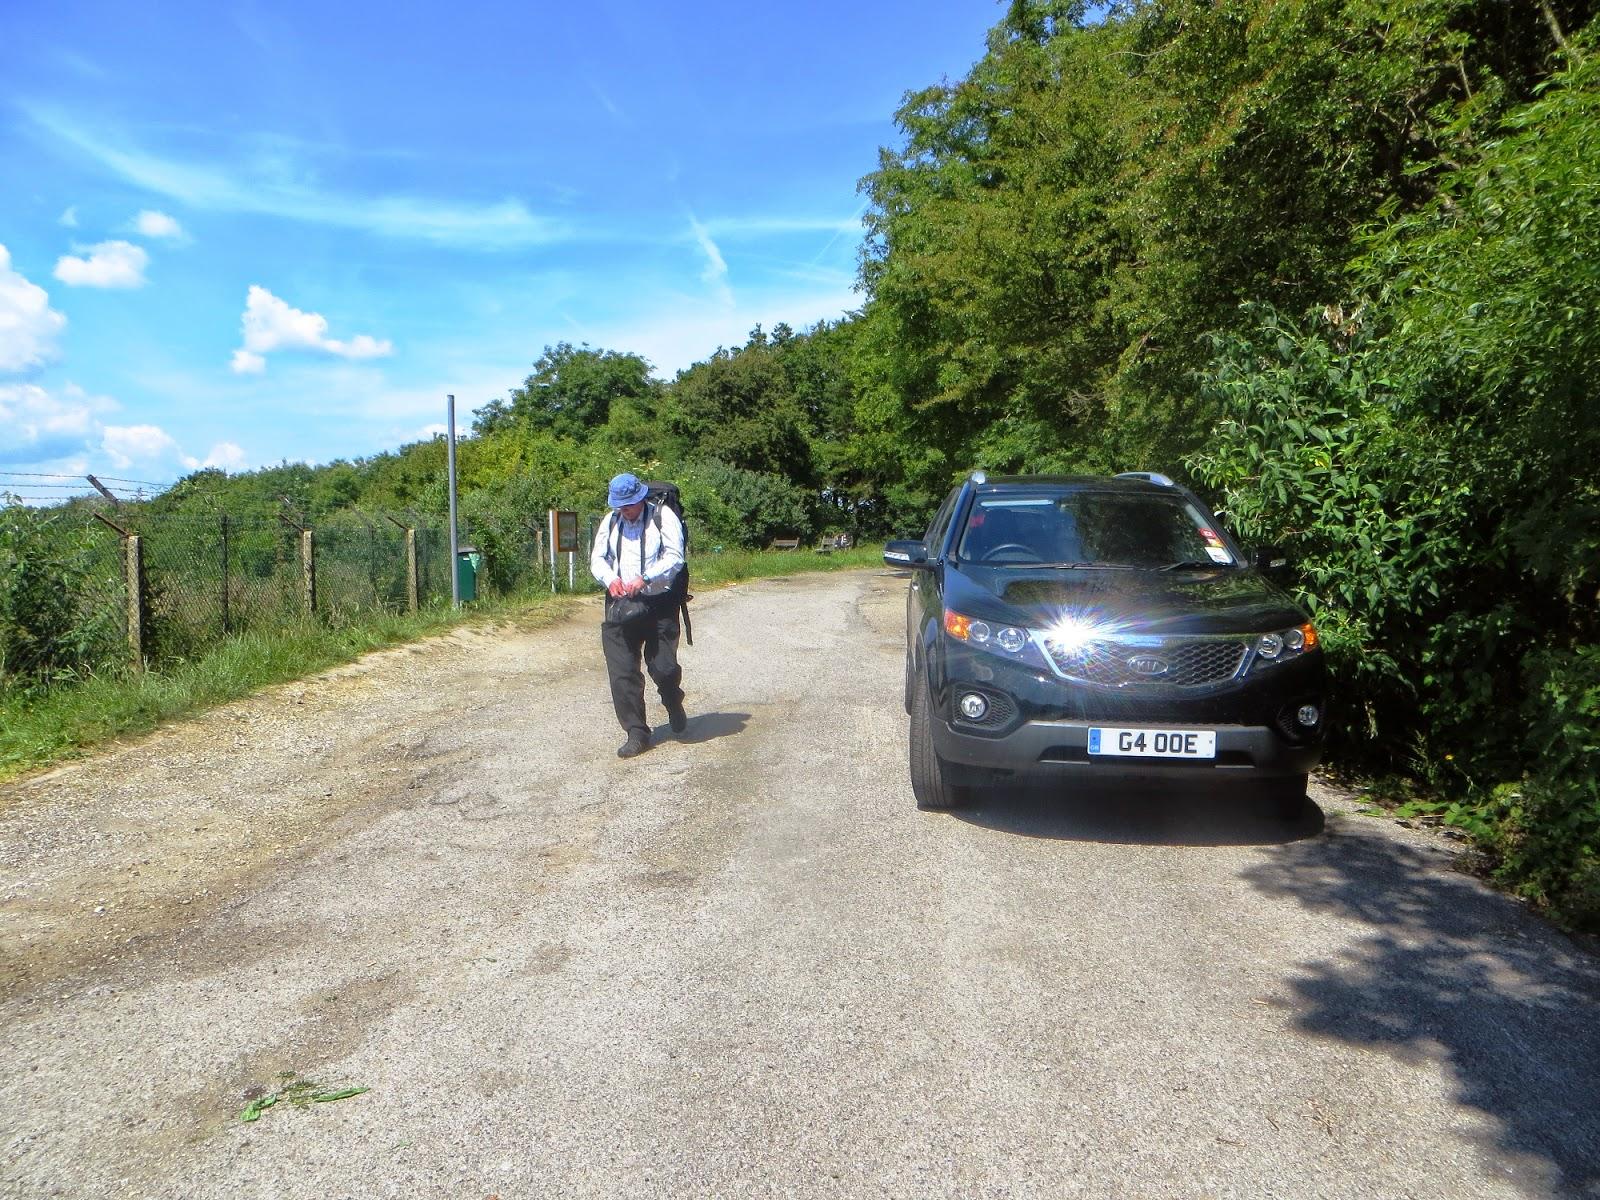 Botley Hill Car Park